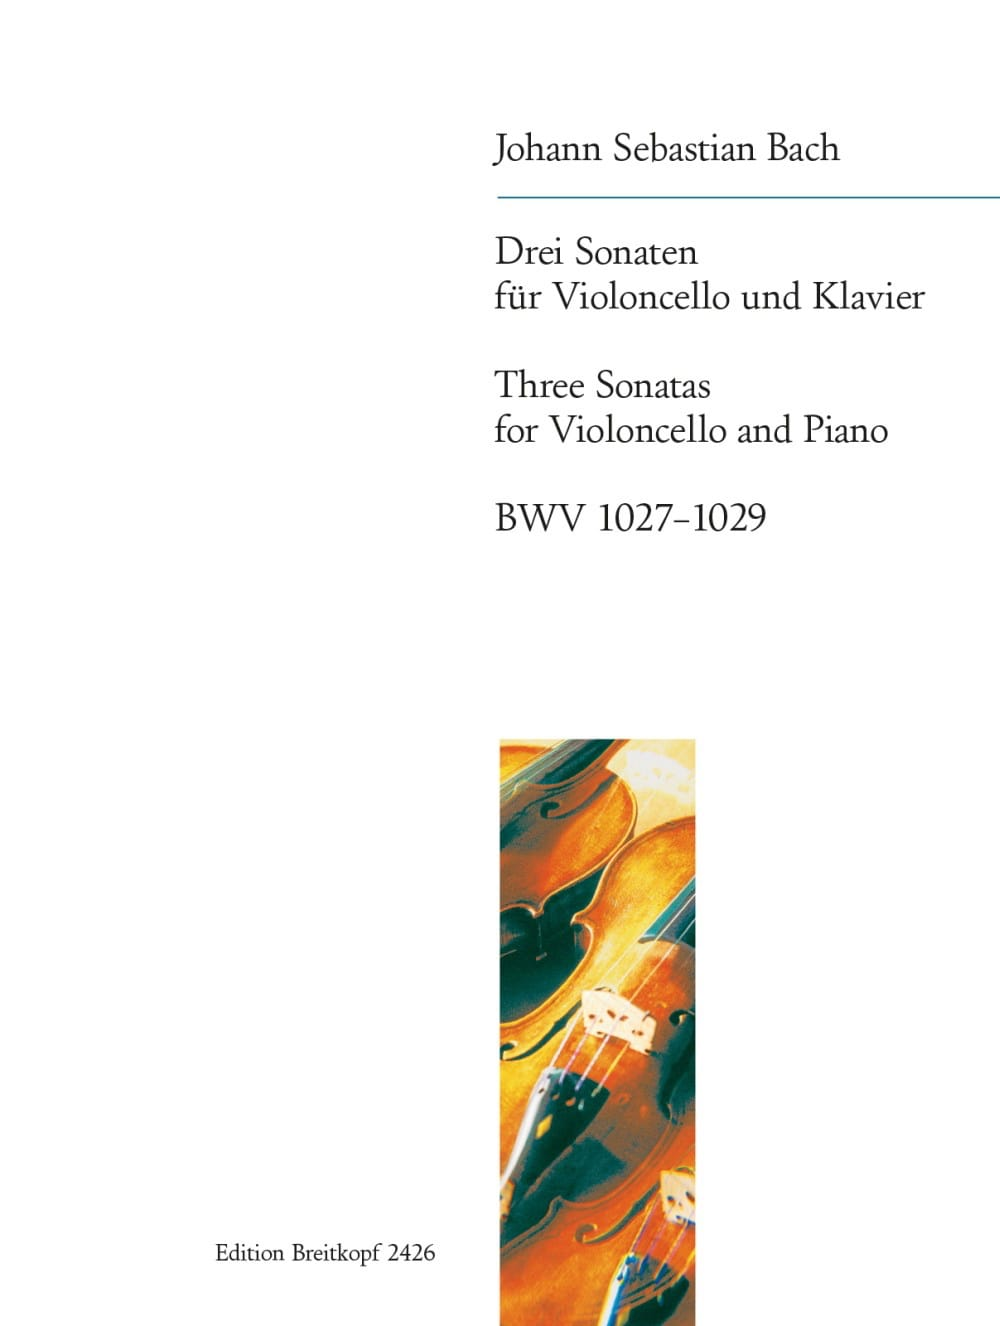 Drei Sonaten BWV 1027-1029 - BACH - Partition - laflutedepan.com